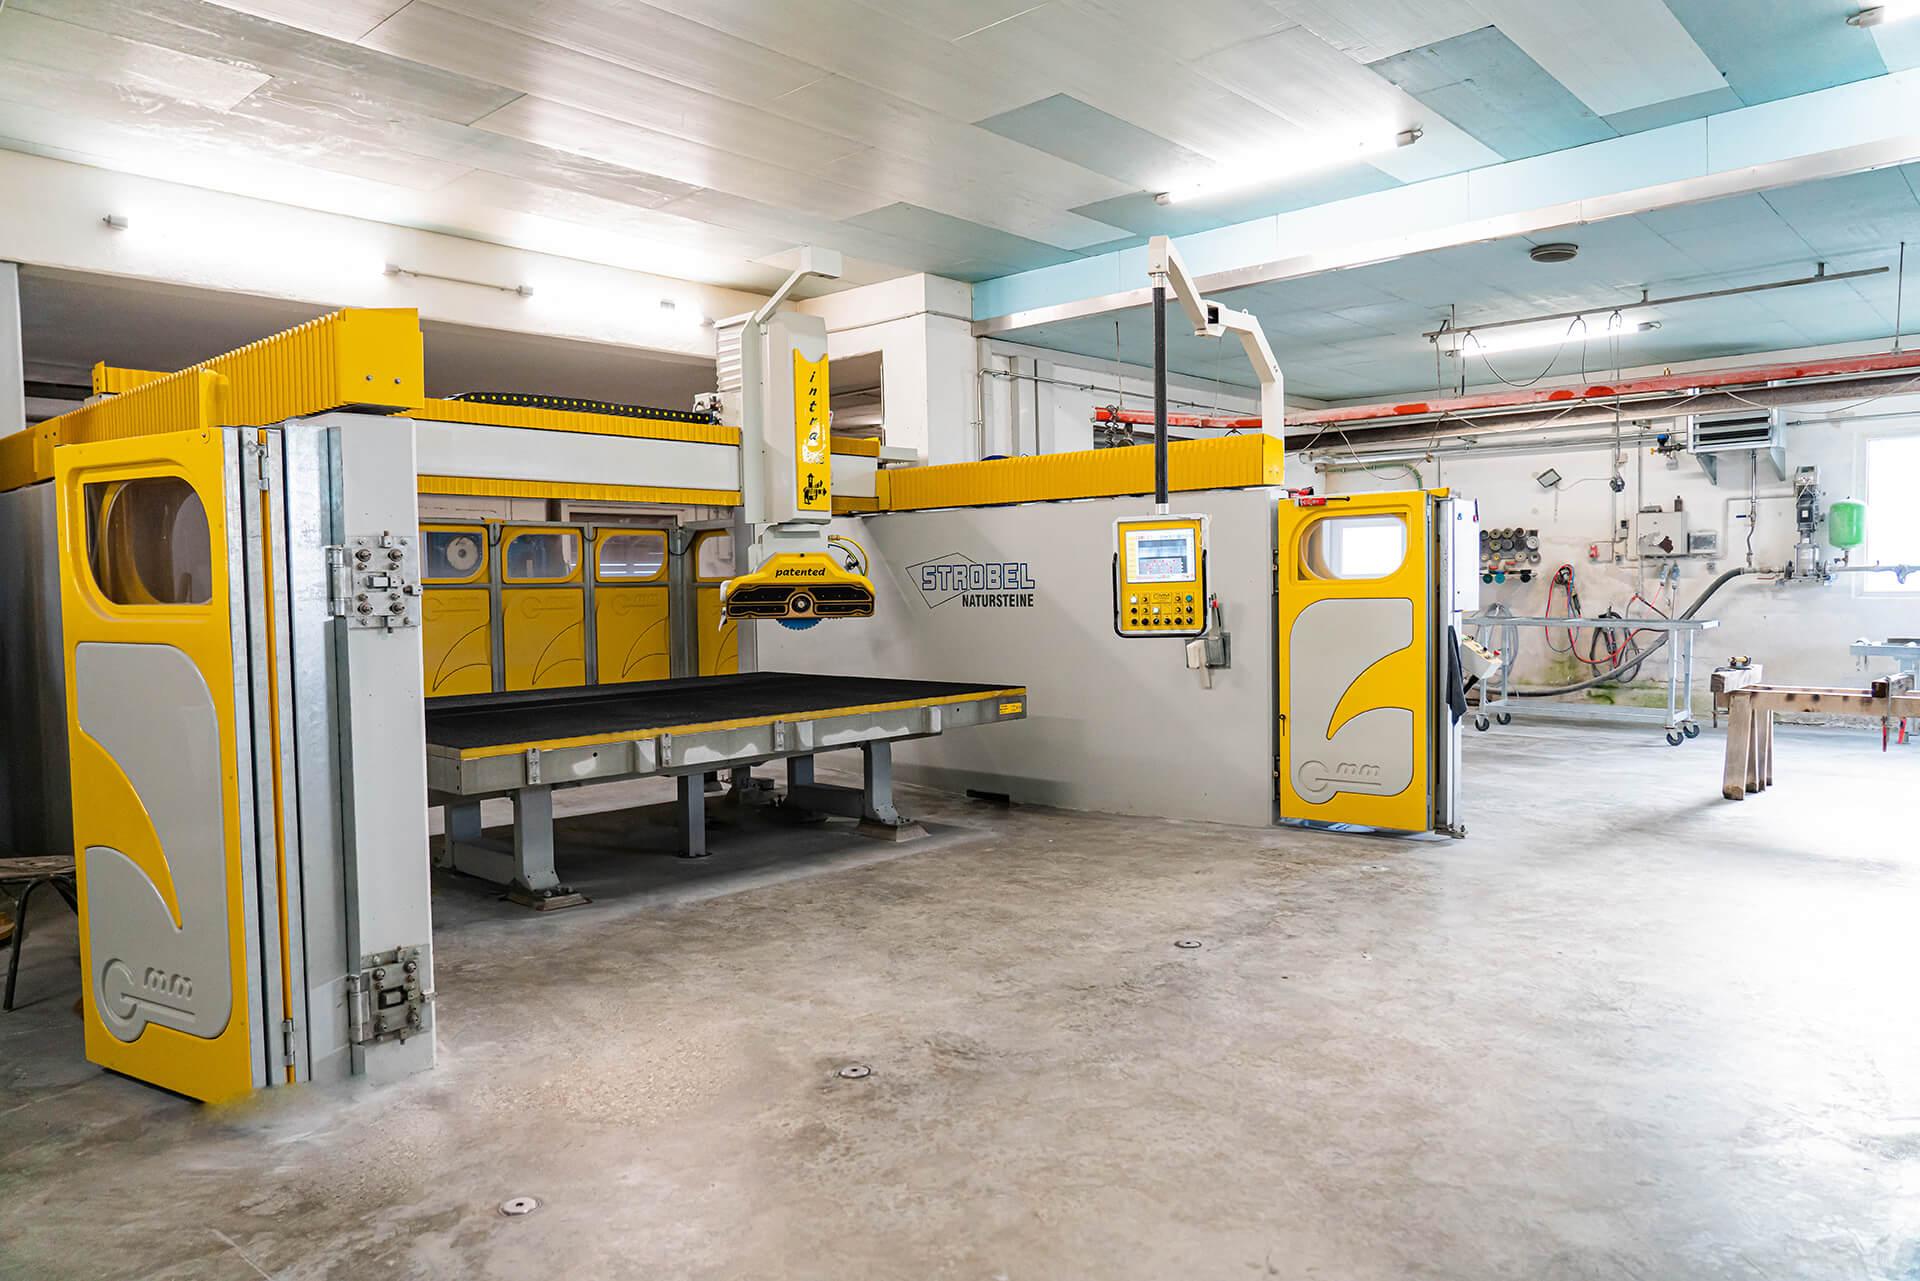 Natursteine Strobel - CNC-Maschine